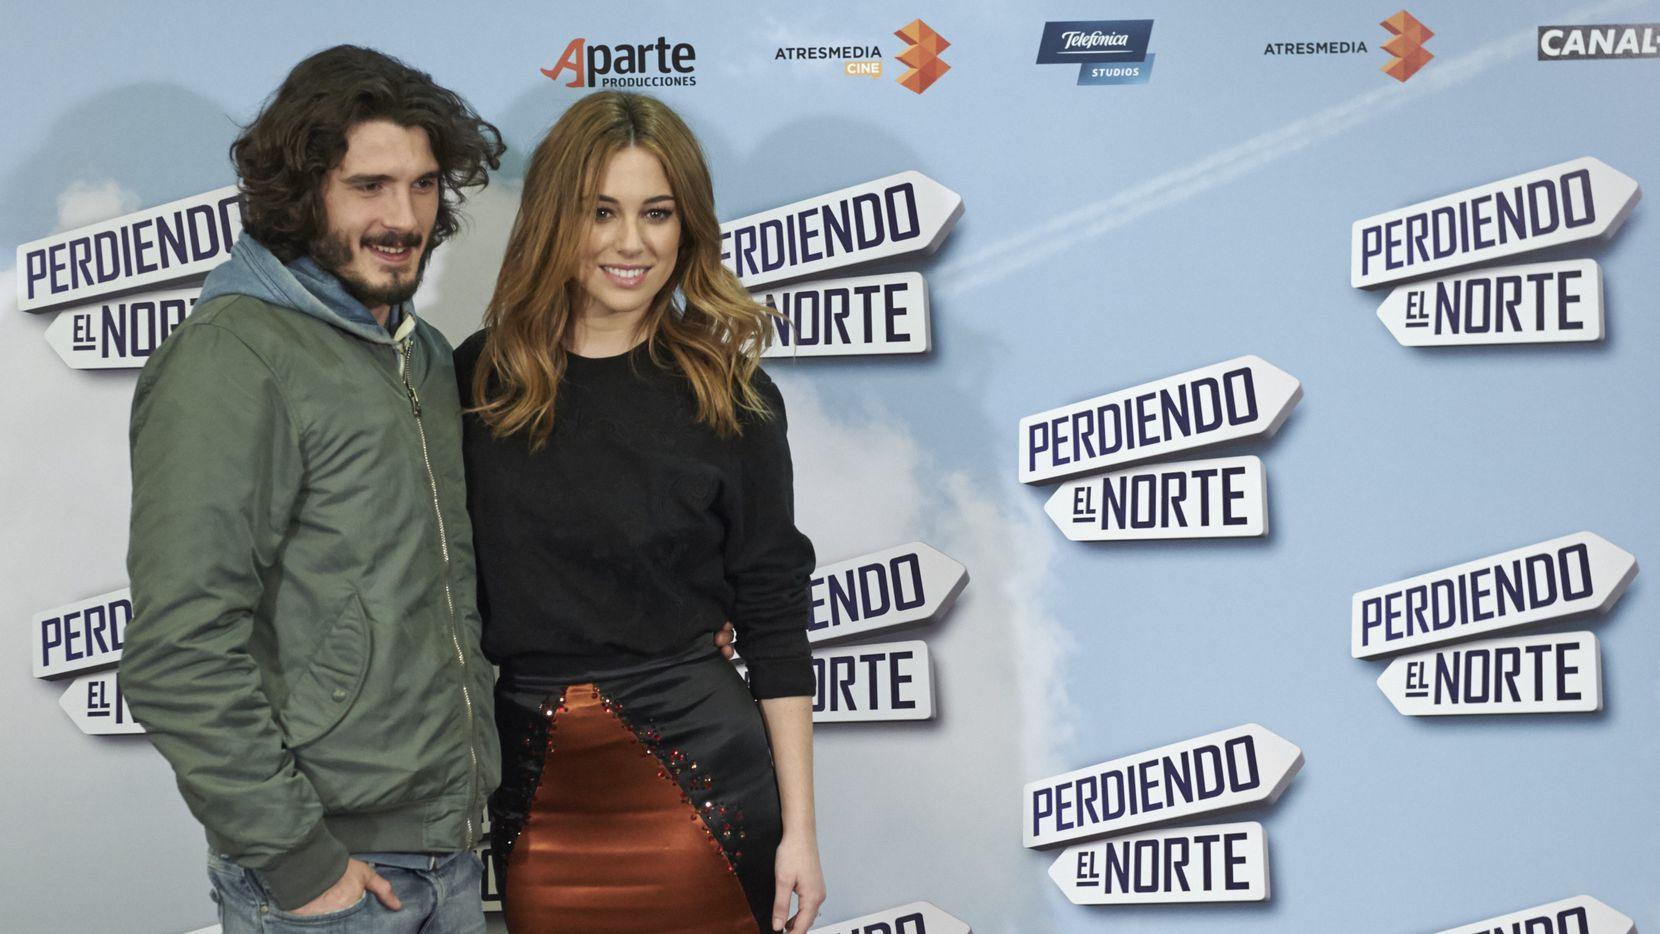 """Yon González, conocido por """"Gran Hotel"""", volverá a hacer pareja con Blanca Suárez, con quien hizo hace años """"El Internado"""", en la primera serie de España hecha en exclusiva para Netflix./GETTY IMAGES"""